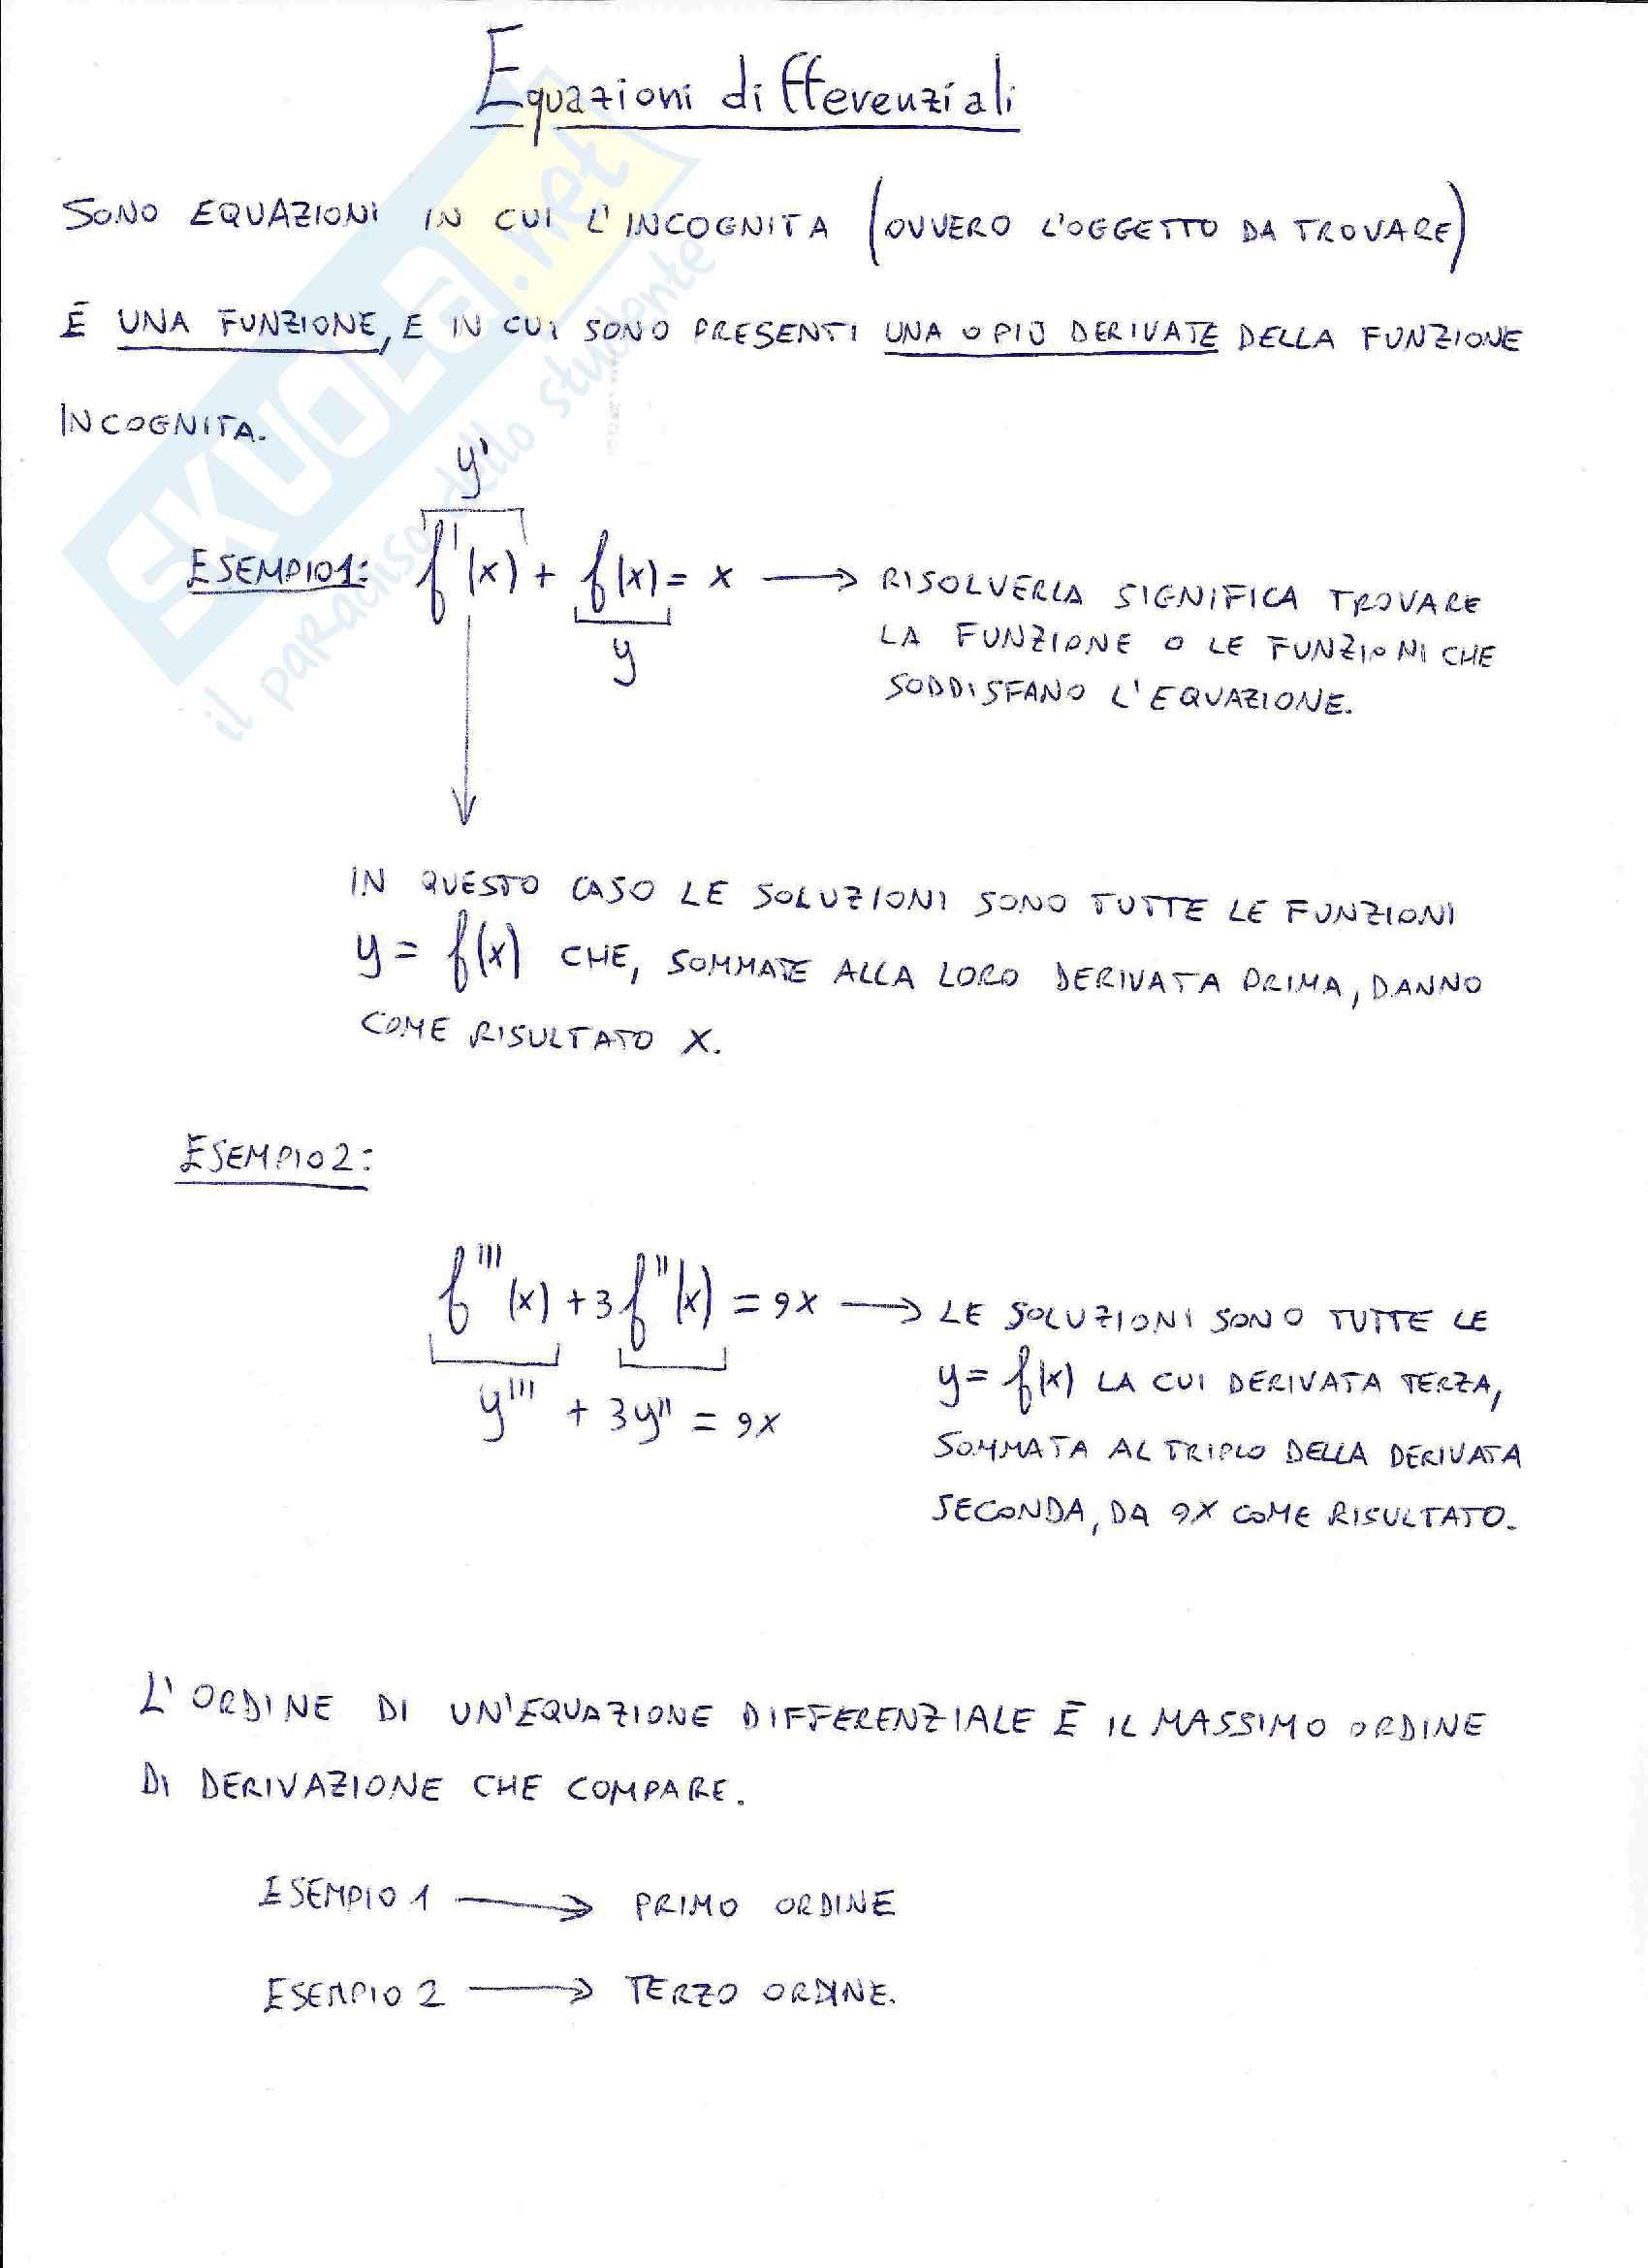 Equazioni differenziali - Problemi di Cauchy, primo ordine, variabili separabili, elementari, lineari, secondo ordine, omogenee, non omogenee